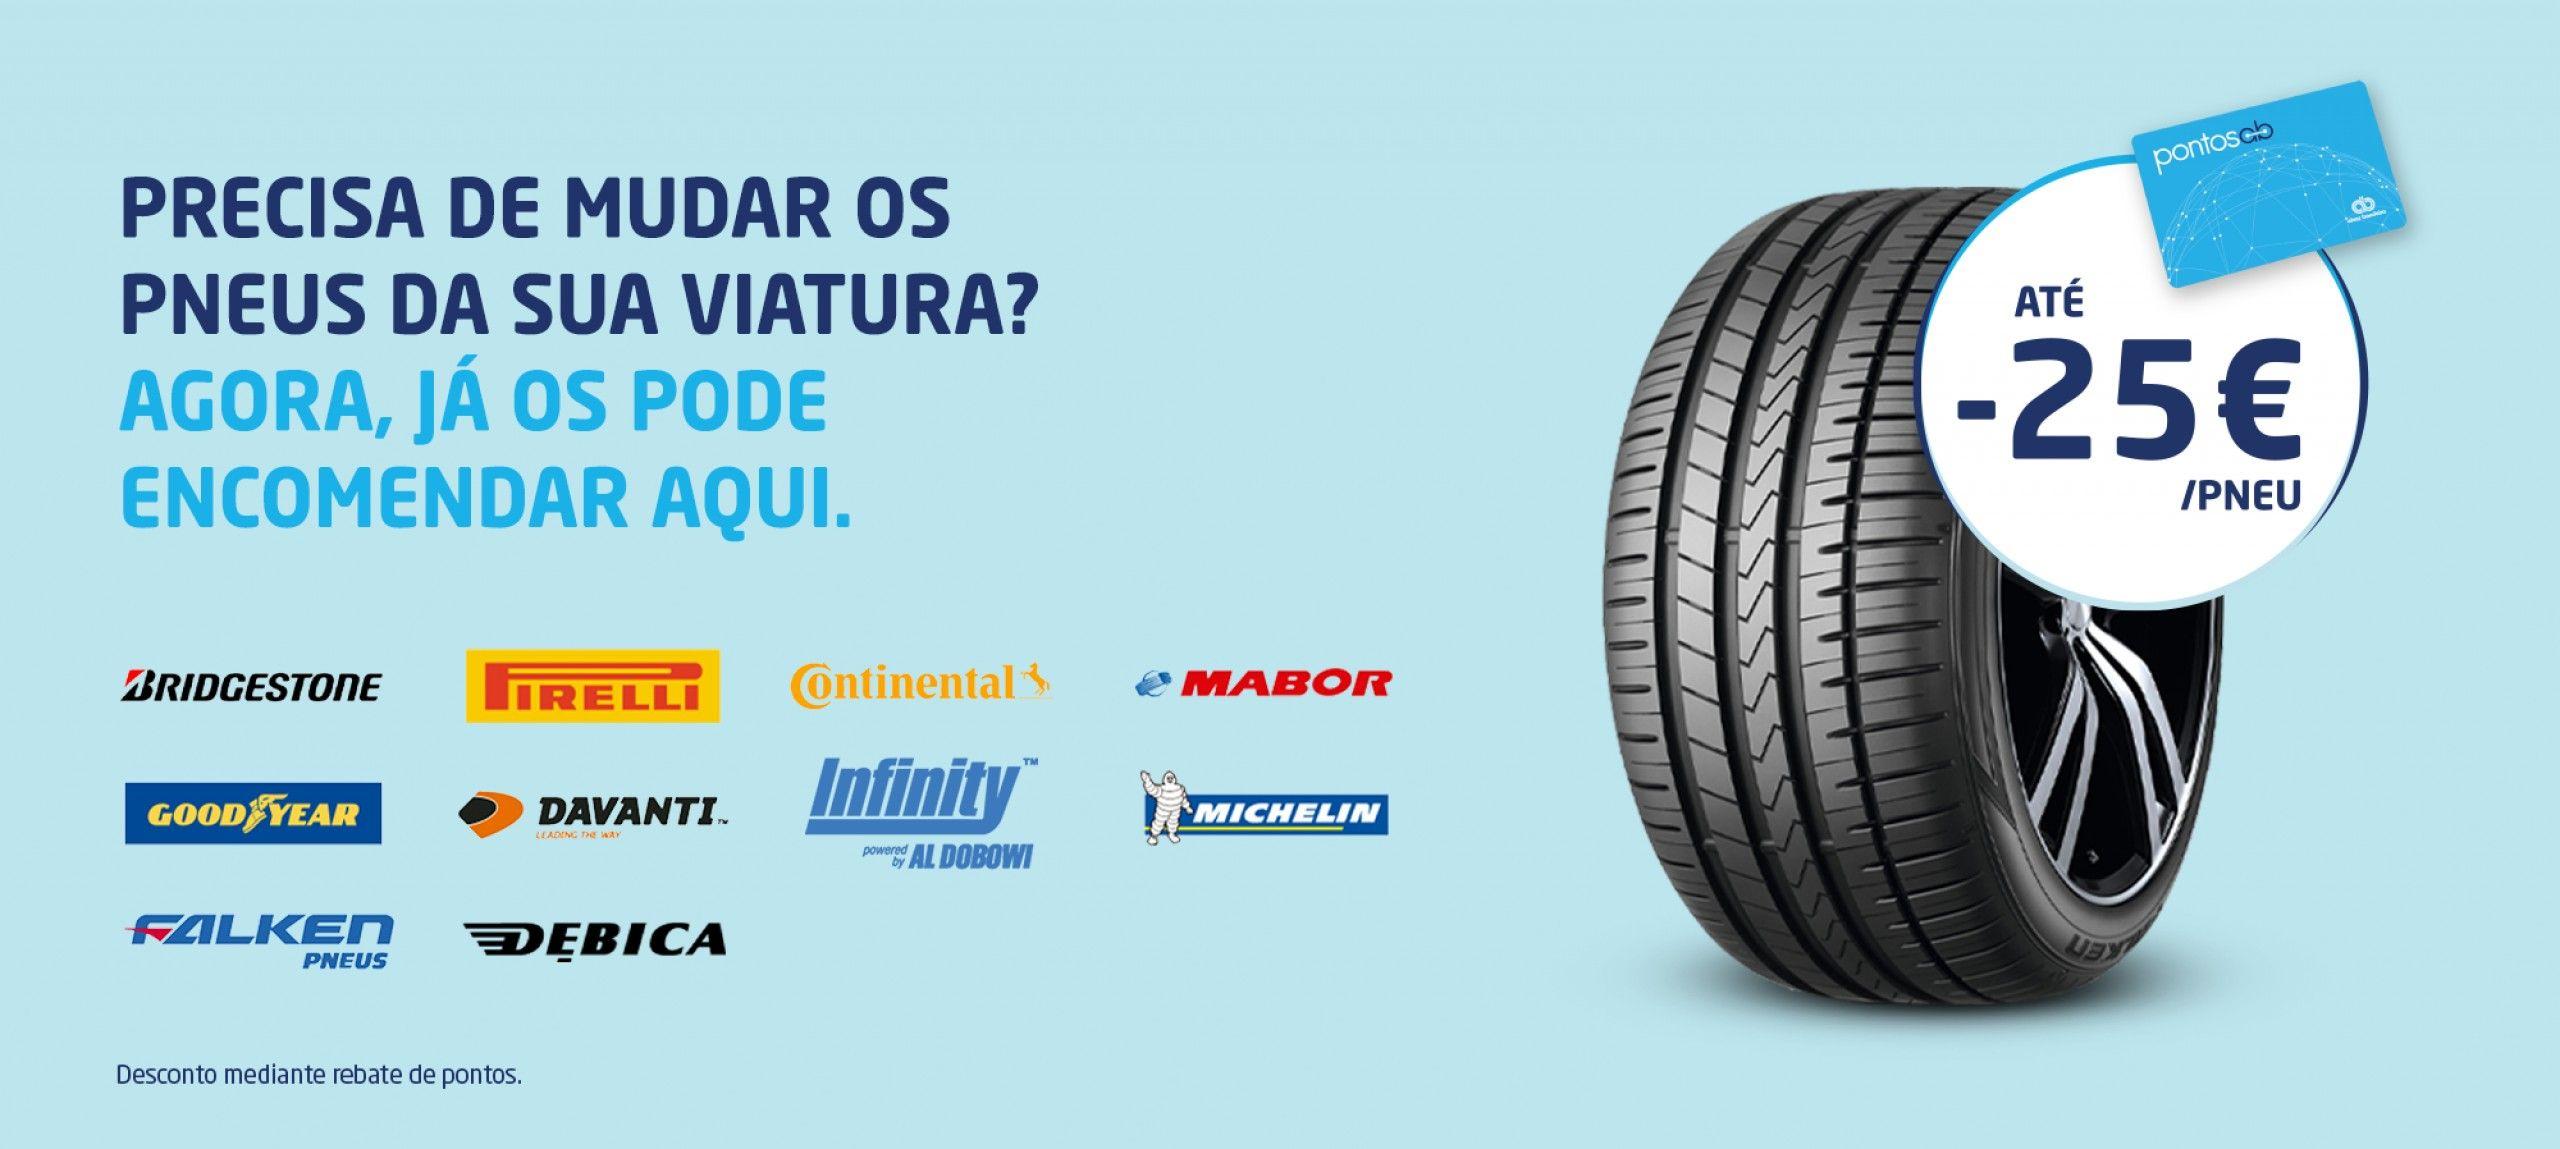 sport tv ganhe premios_0